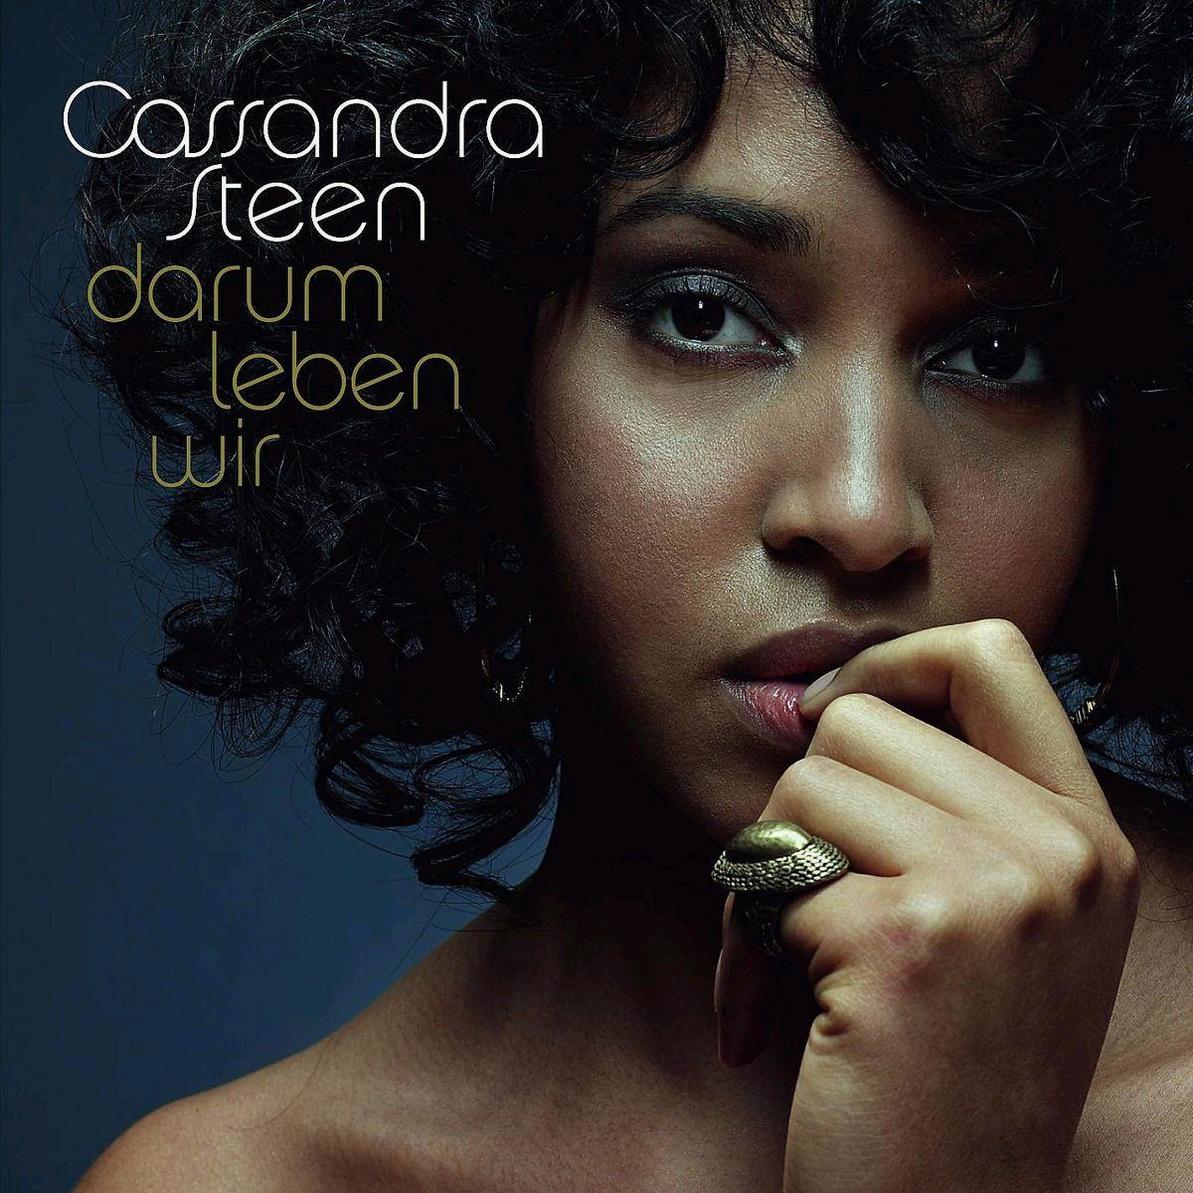 Cassandra Steen - Darum Leben Wir